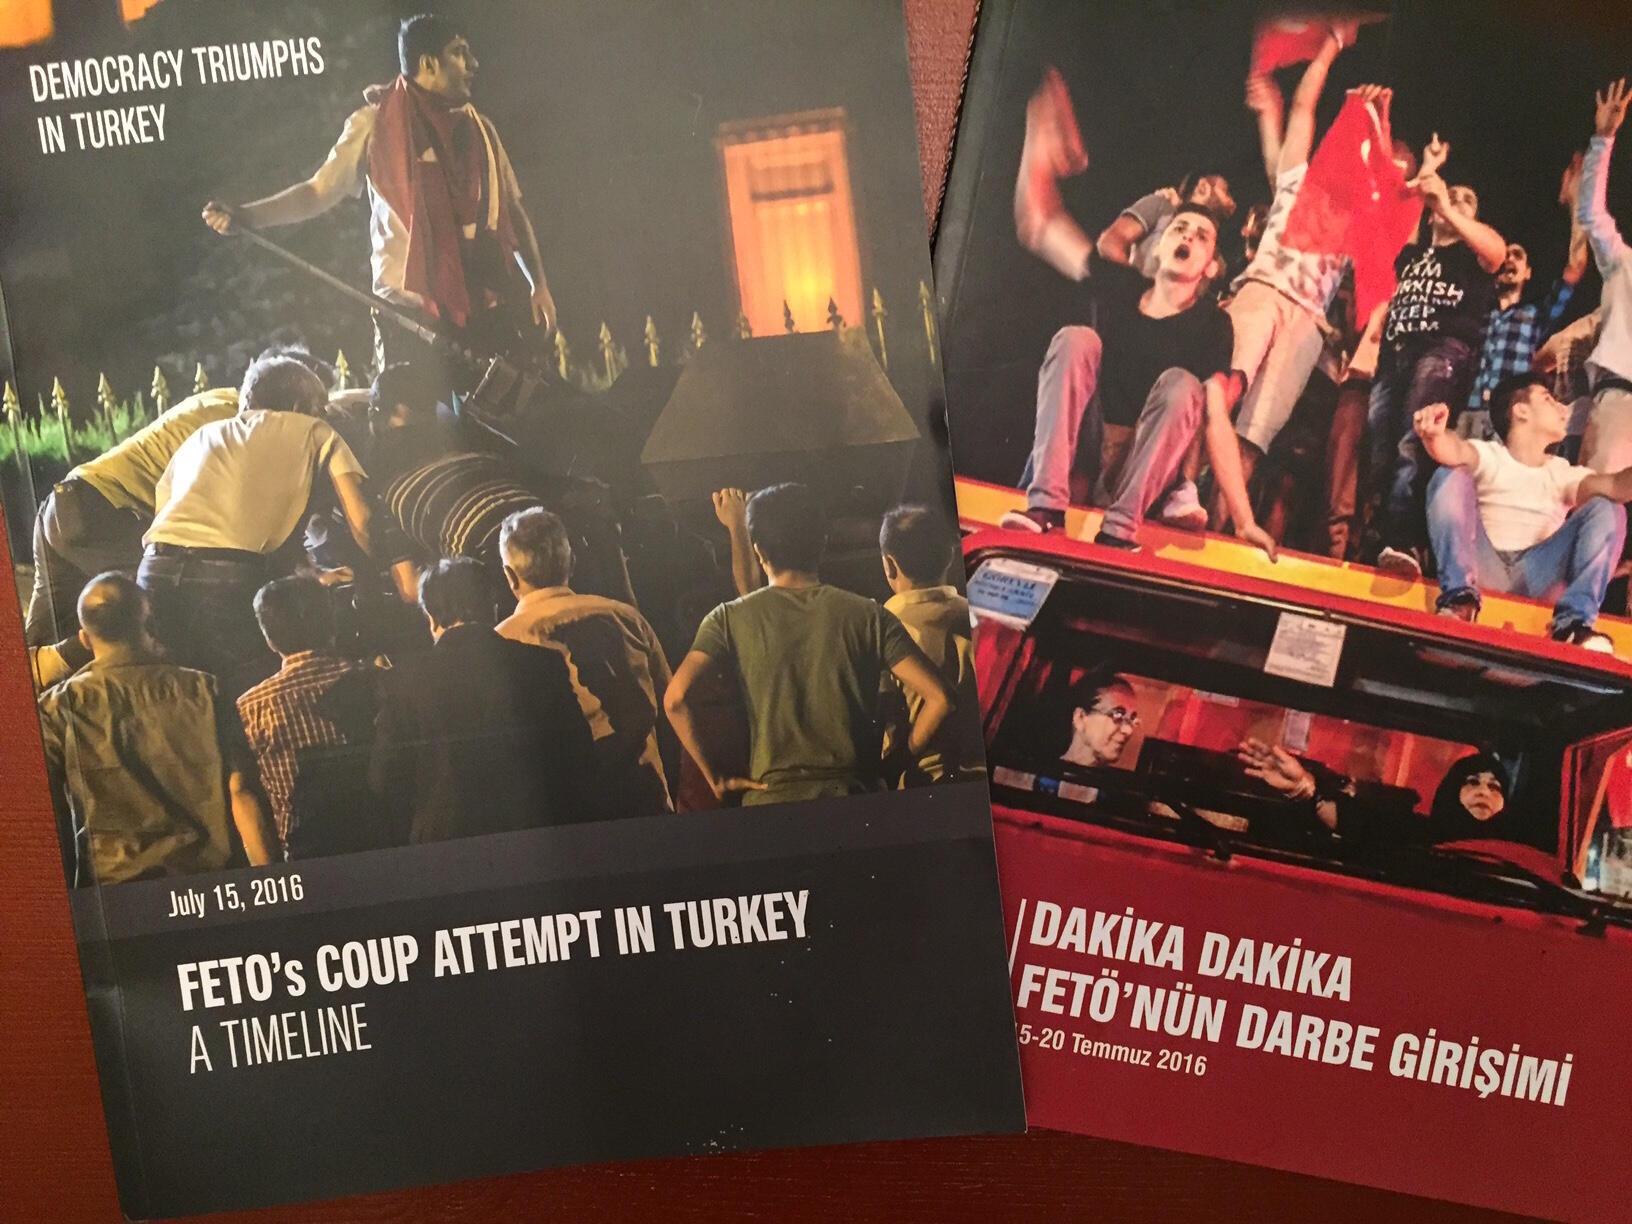 Une semaine après la tentative de putsch, l'agence semi-officielle Anadolu publiait déjà son récit des événements, traduit en plusieurs langues pour les diplomates et journalistes étrangers.